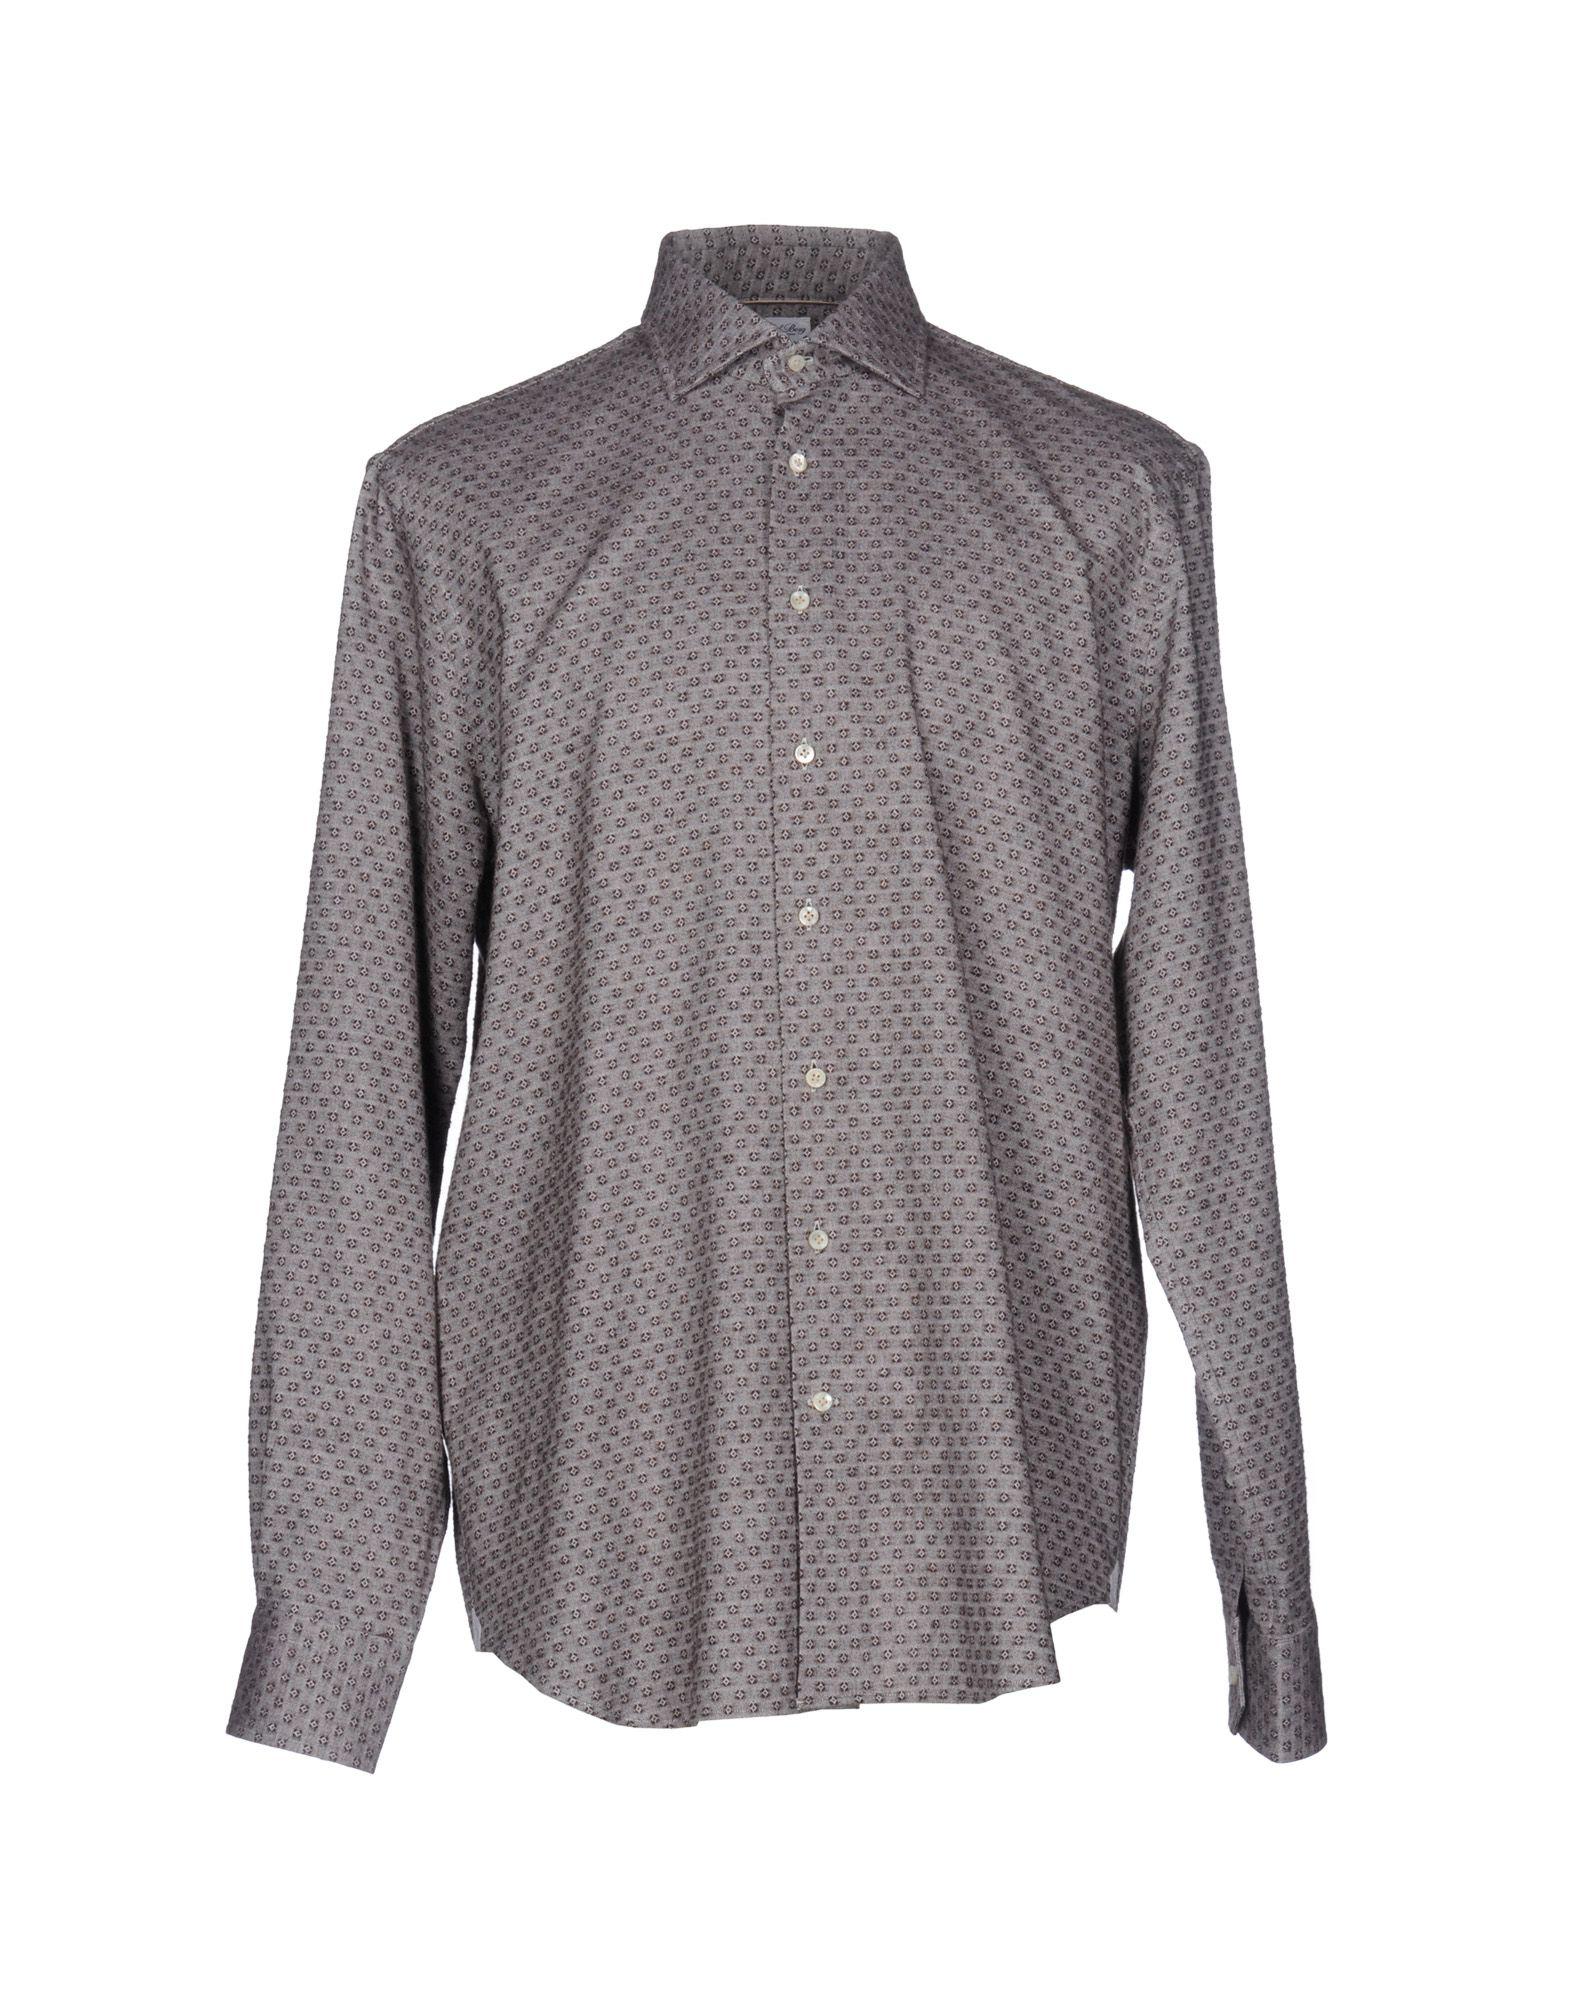 EMANUEL BERG Patterned Shirt in Khaki